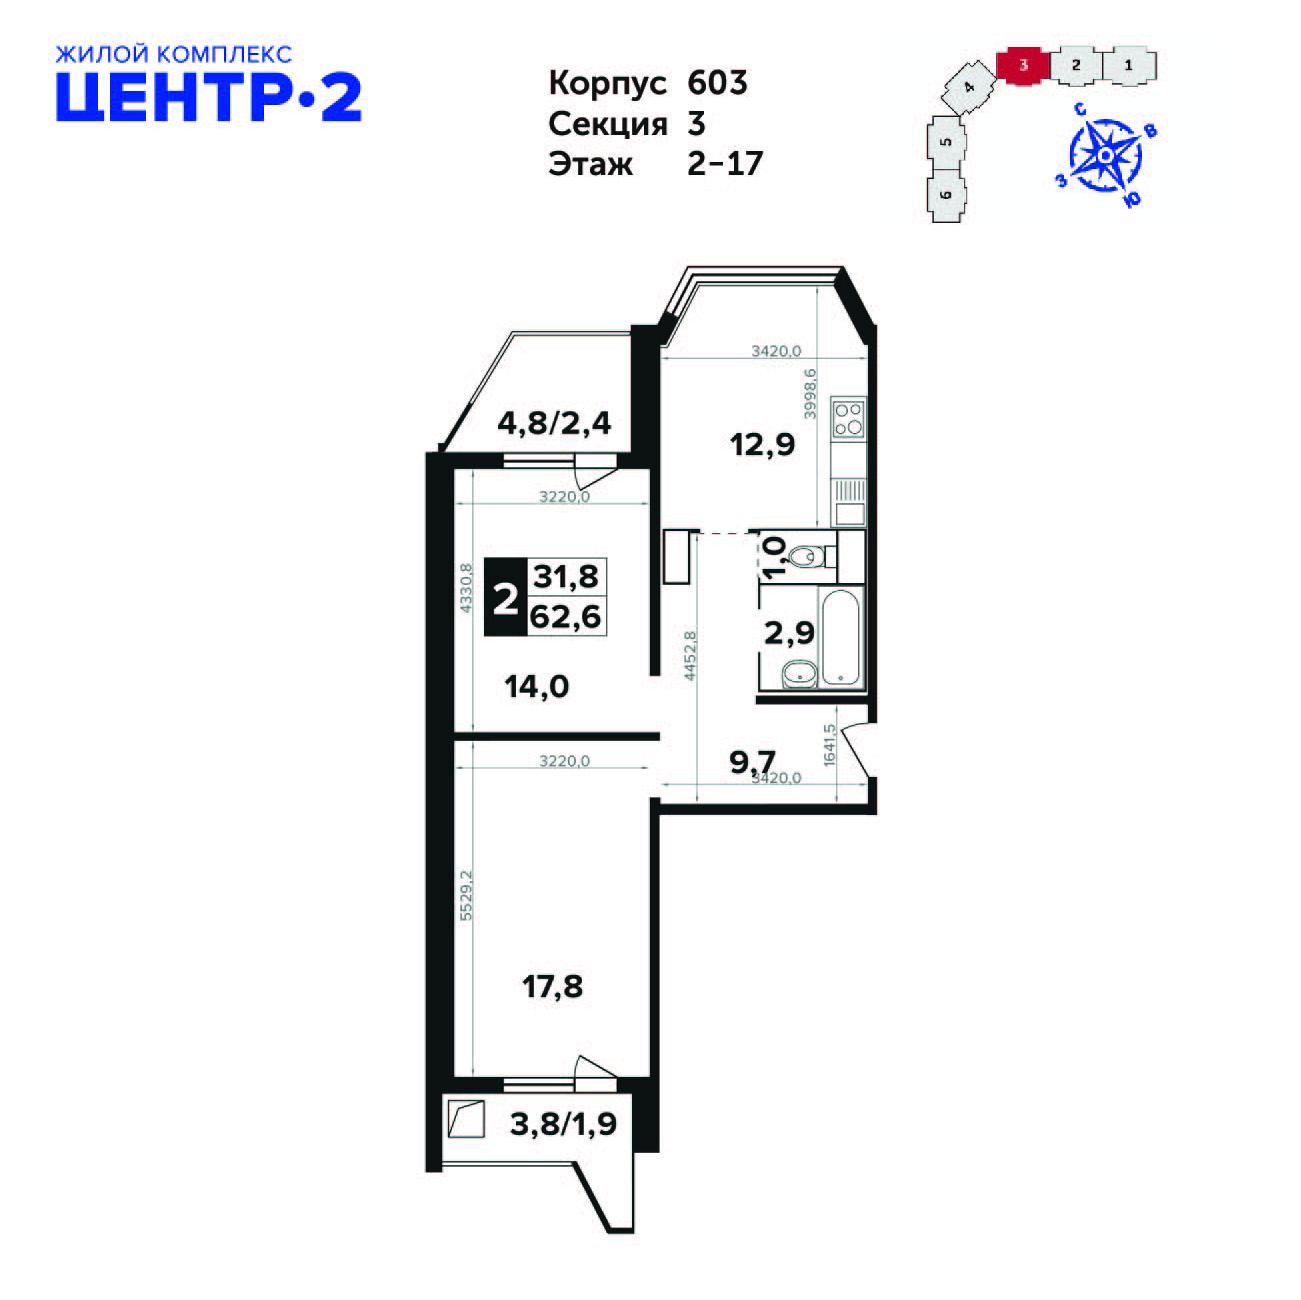 2-комнатная квартира, 62.6м² за 6,5 млн руб.